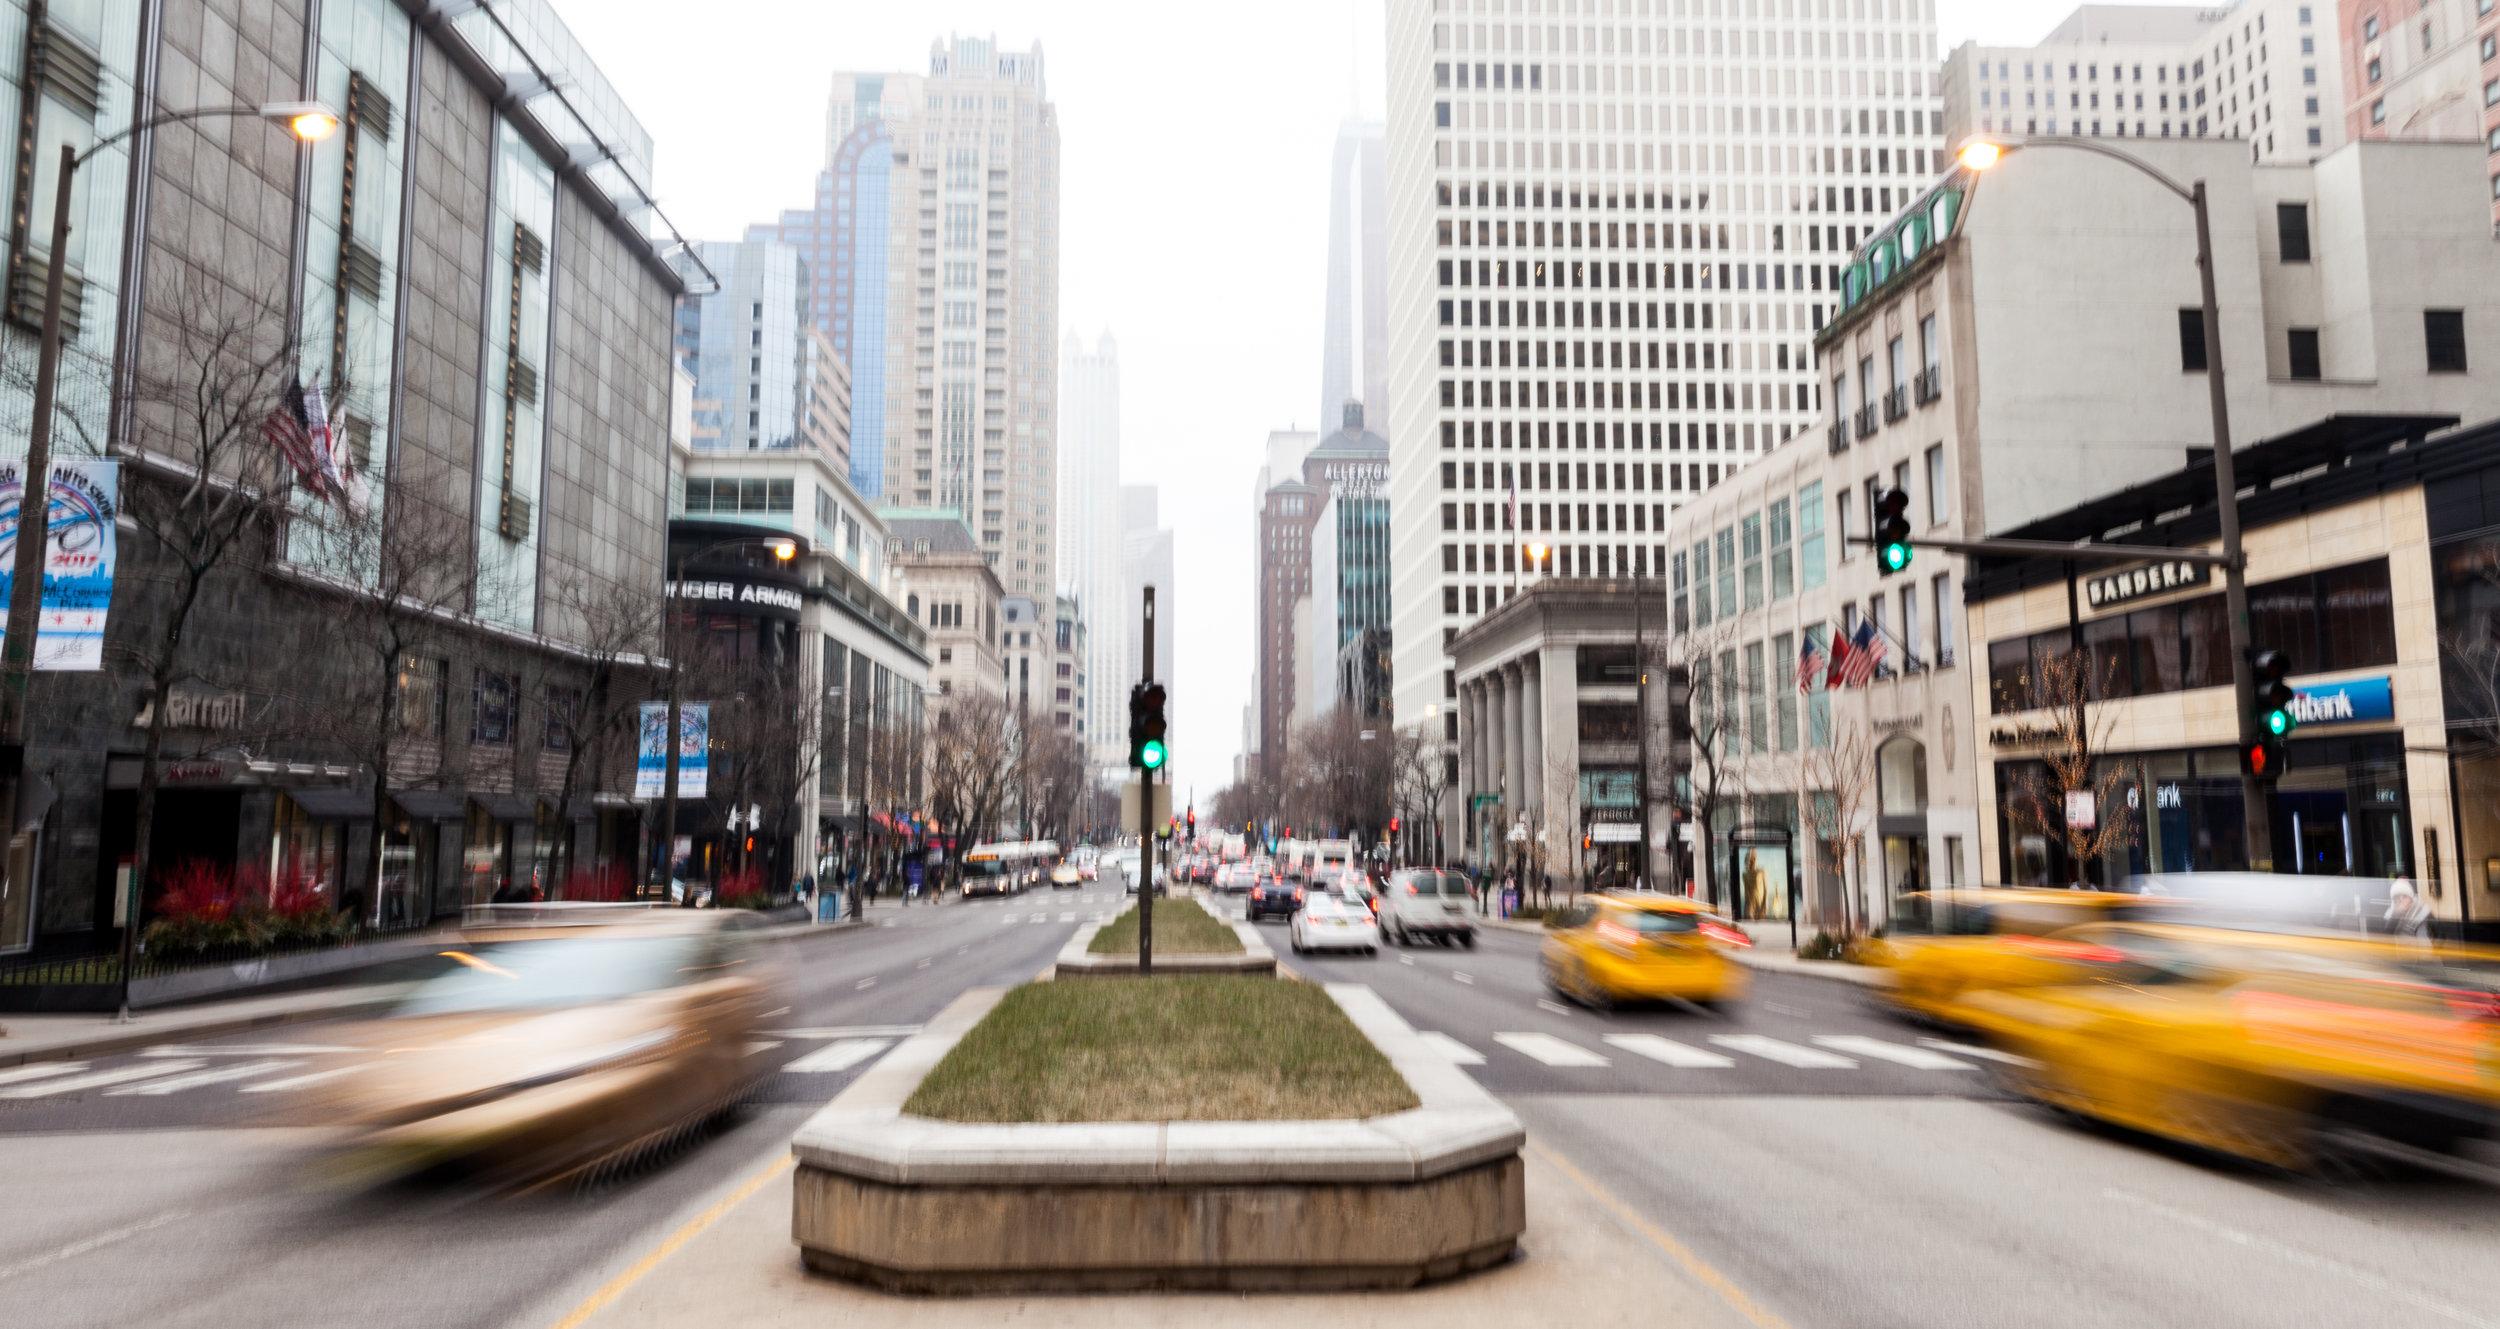 OSS Winter City Shots-25.jpg